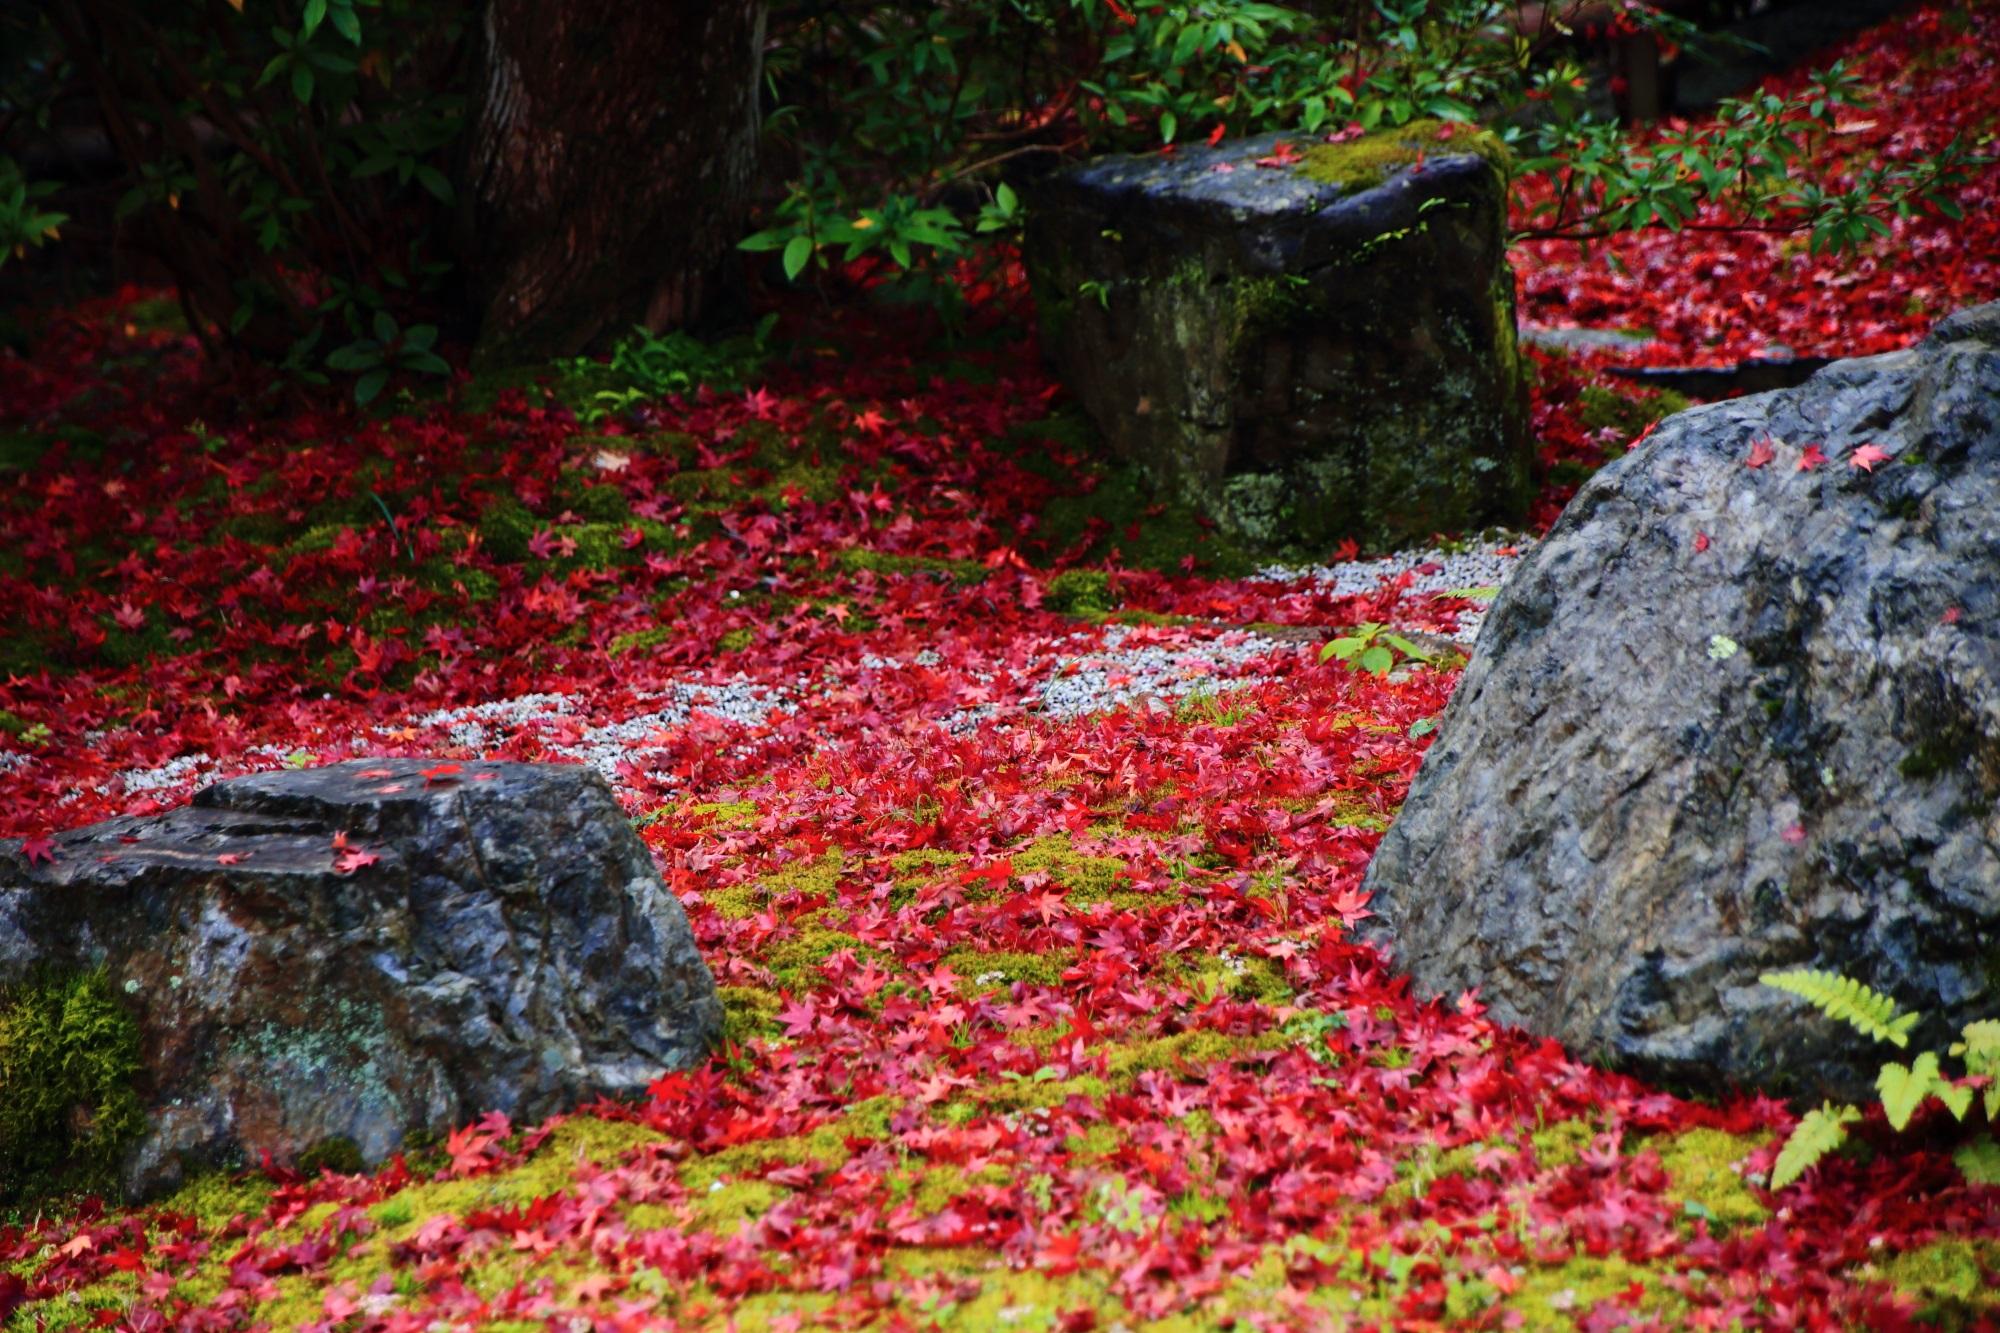 鮮やかな散りもみじに覆われた直指庵の阿弥陀堂庭園